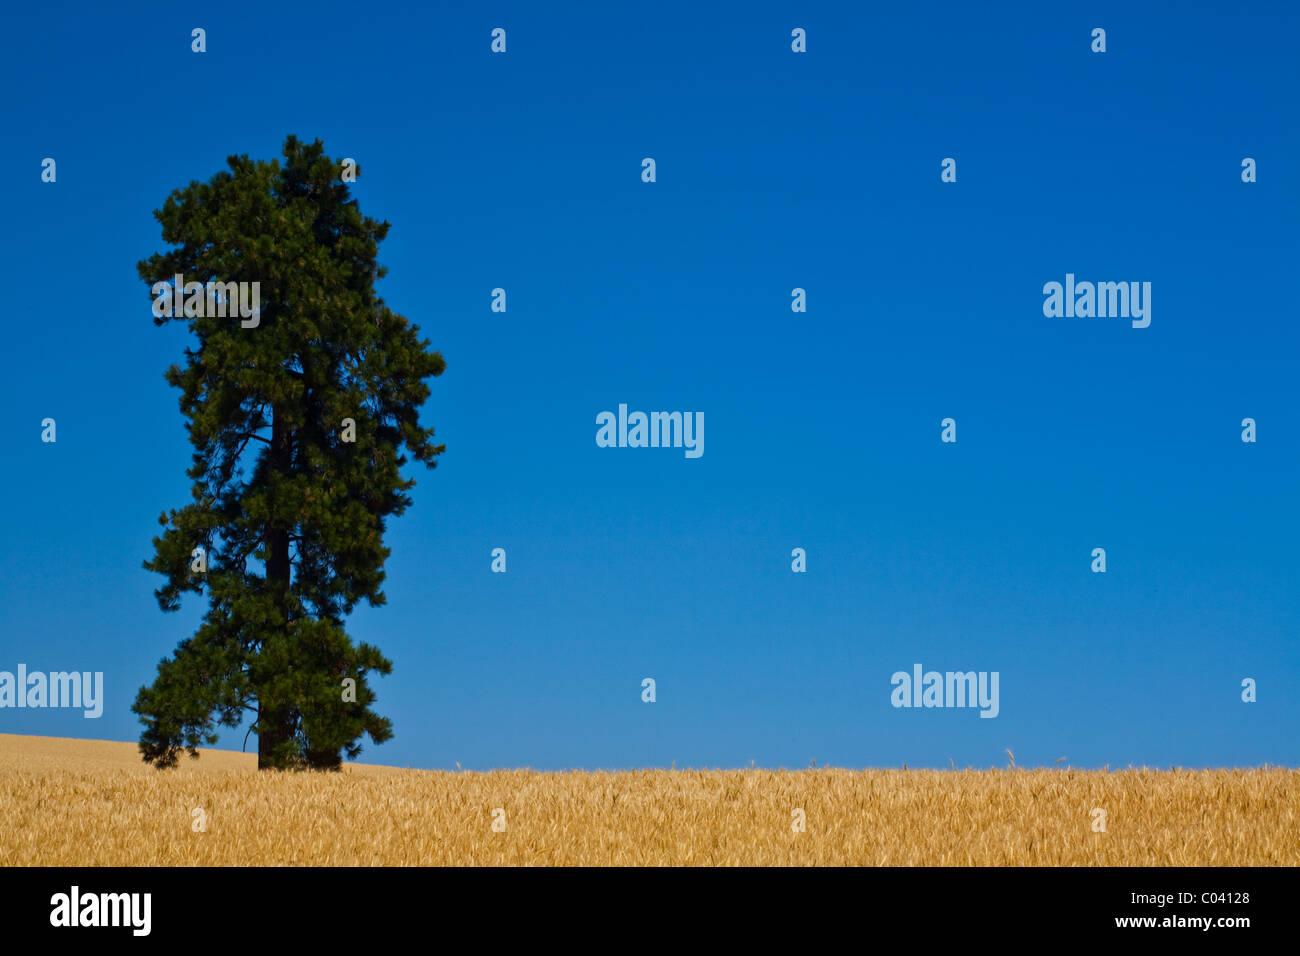 Un árbol solitario en un campo de trigo contra un vívido cielo azul Imagen De Stock